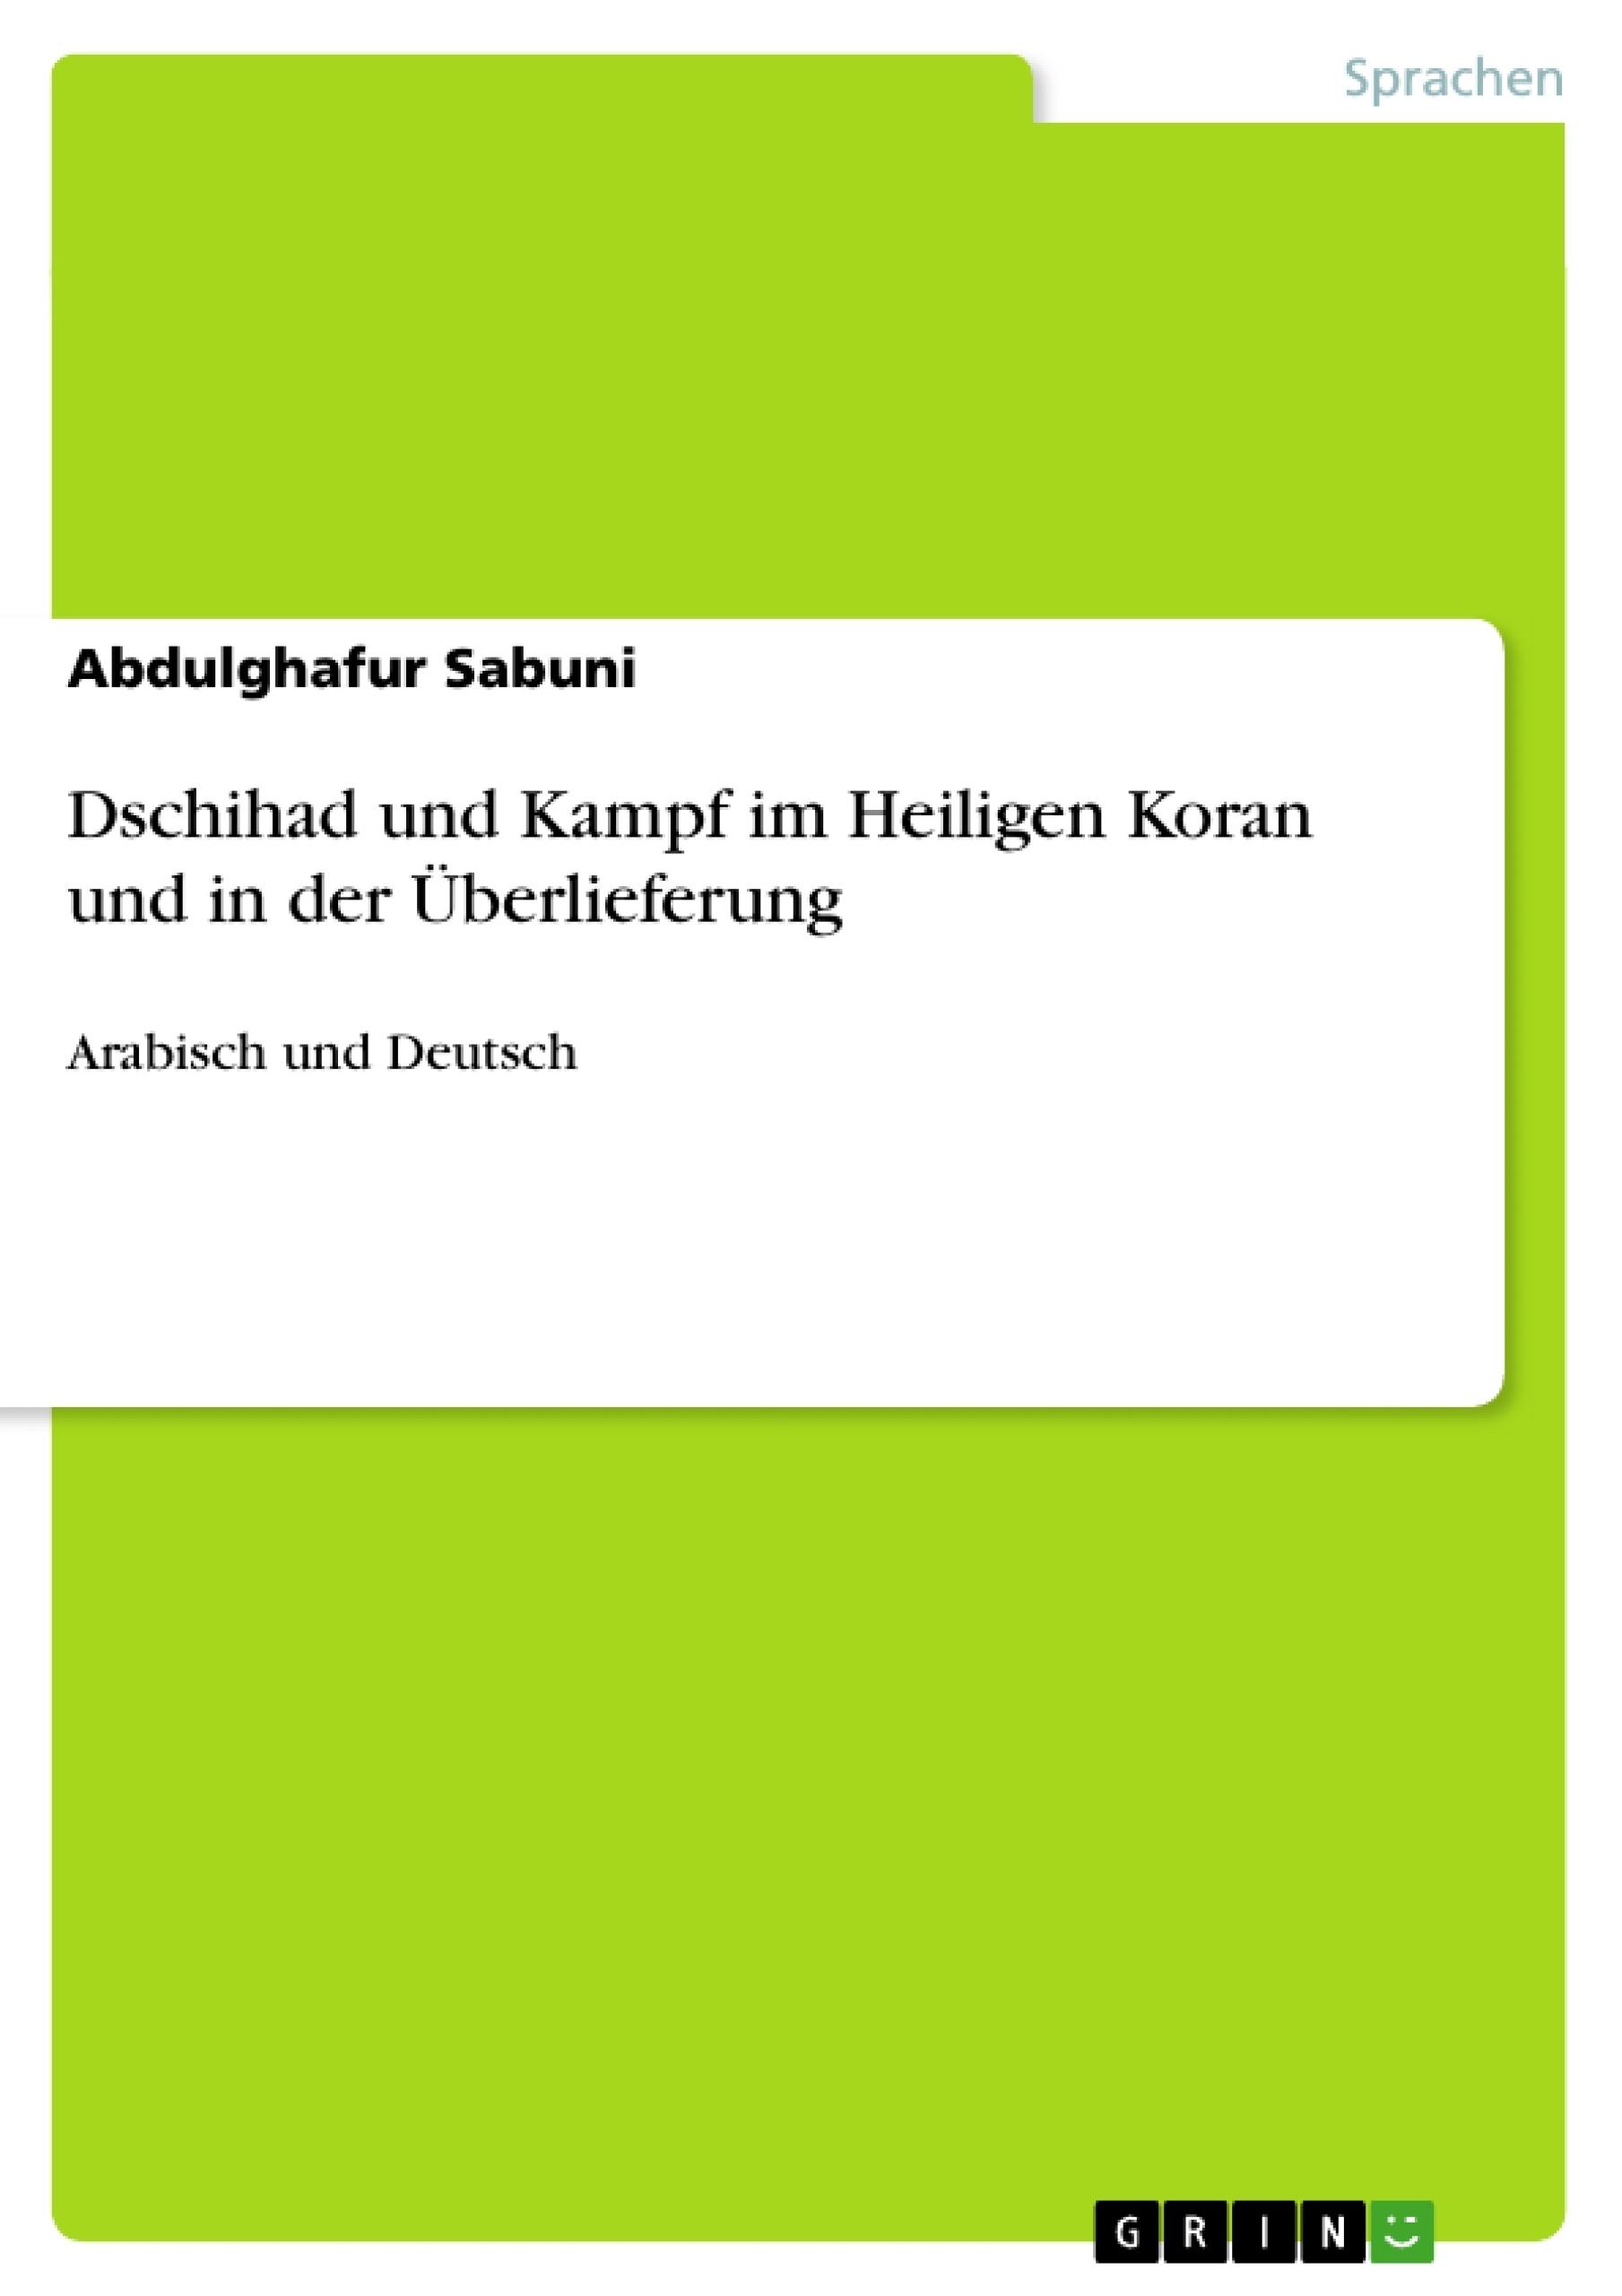 Titel: Dschihad und Kampf im Heiligen Koran und in der Überlieferung